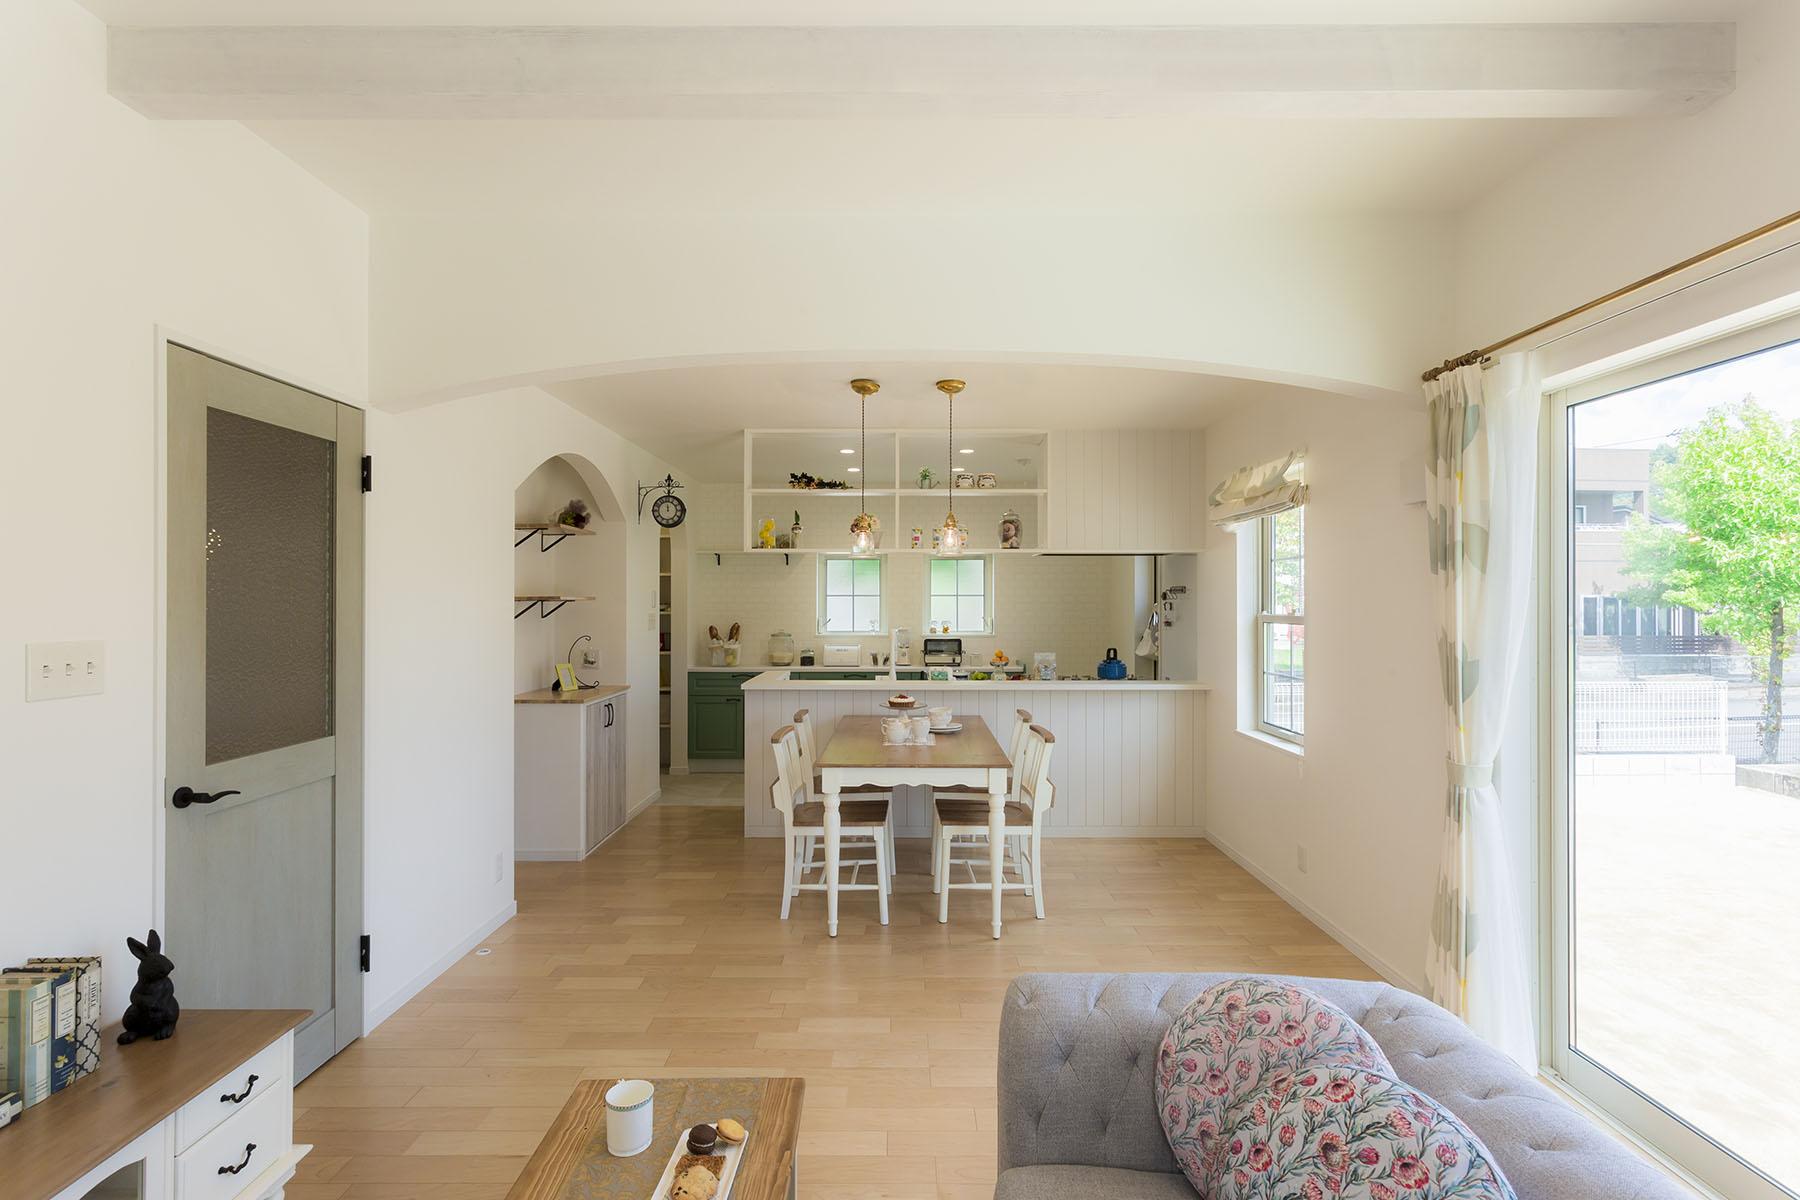 carina 南イタリアの白い家